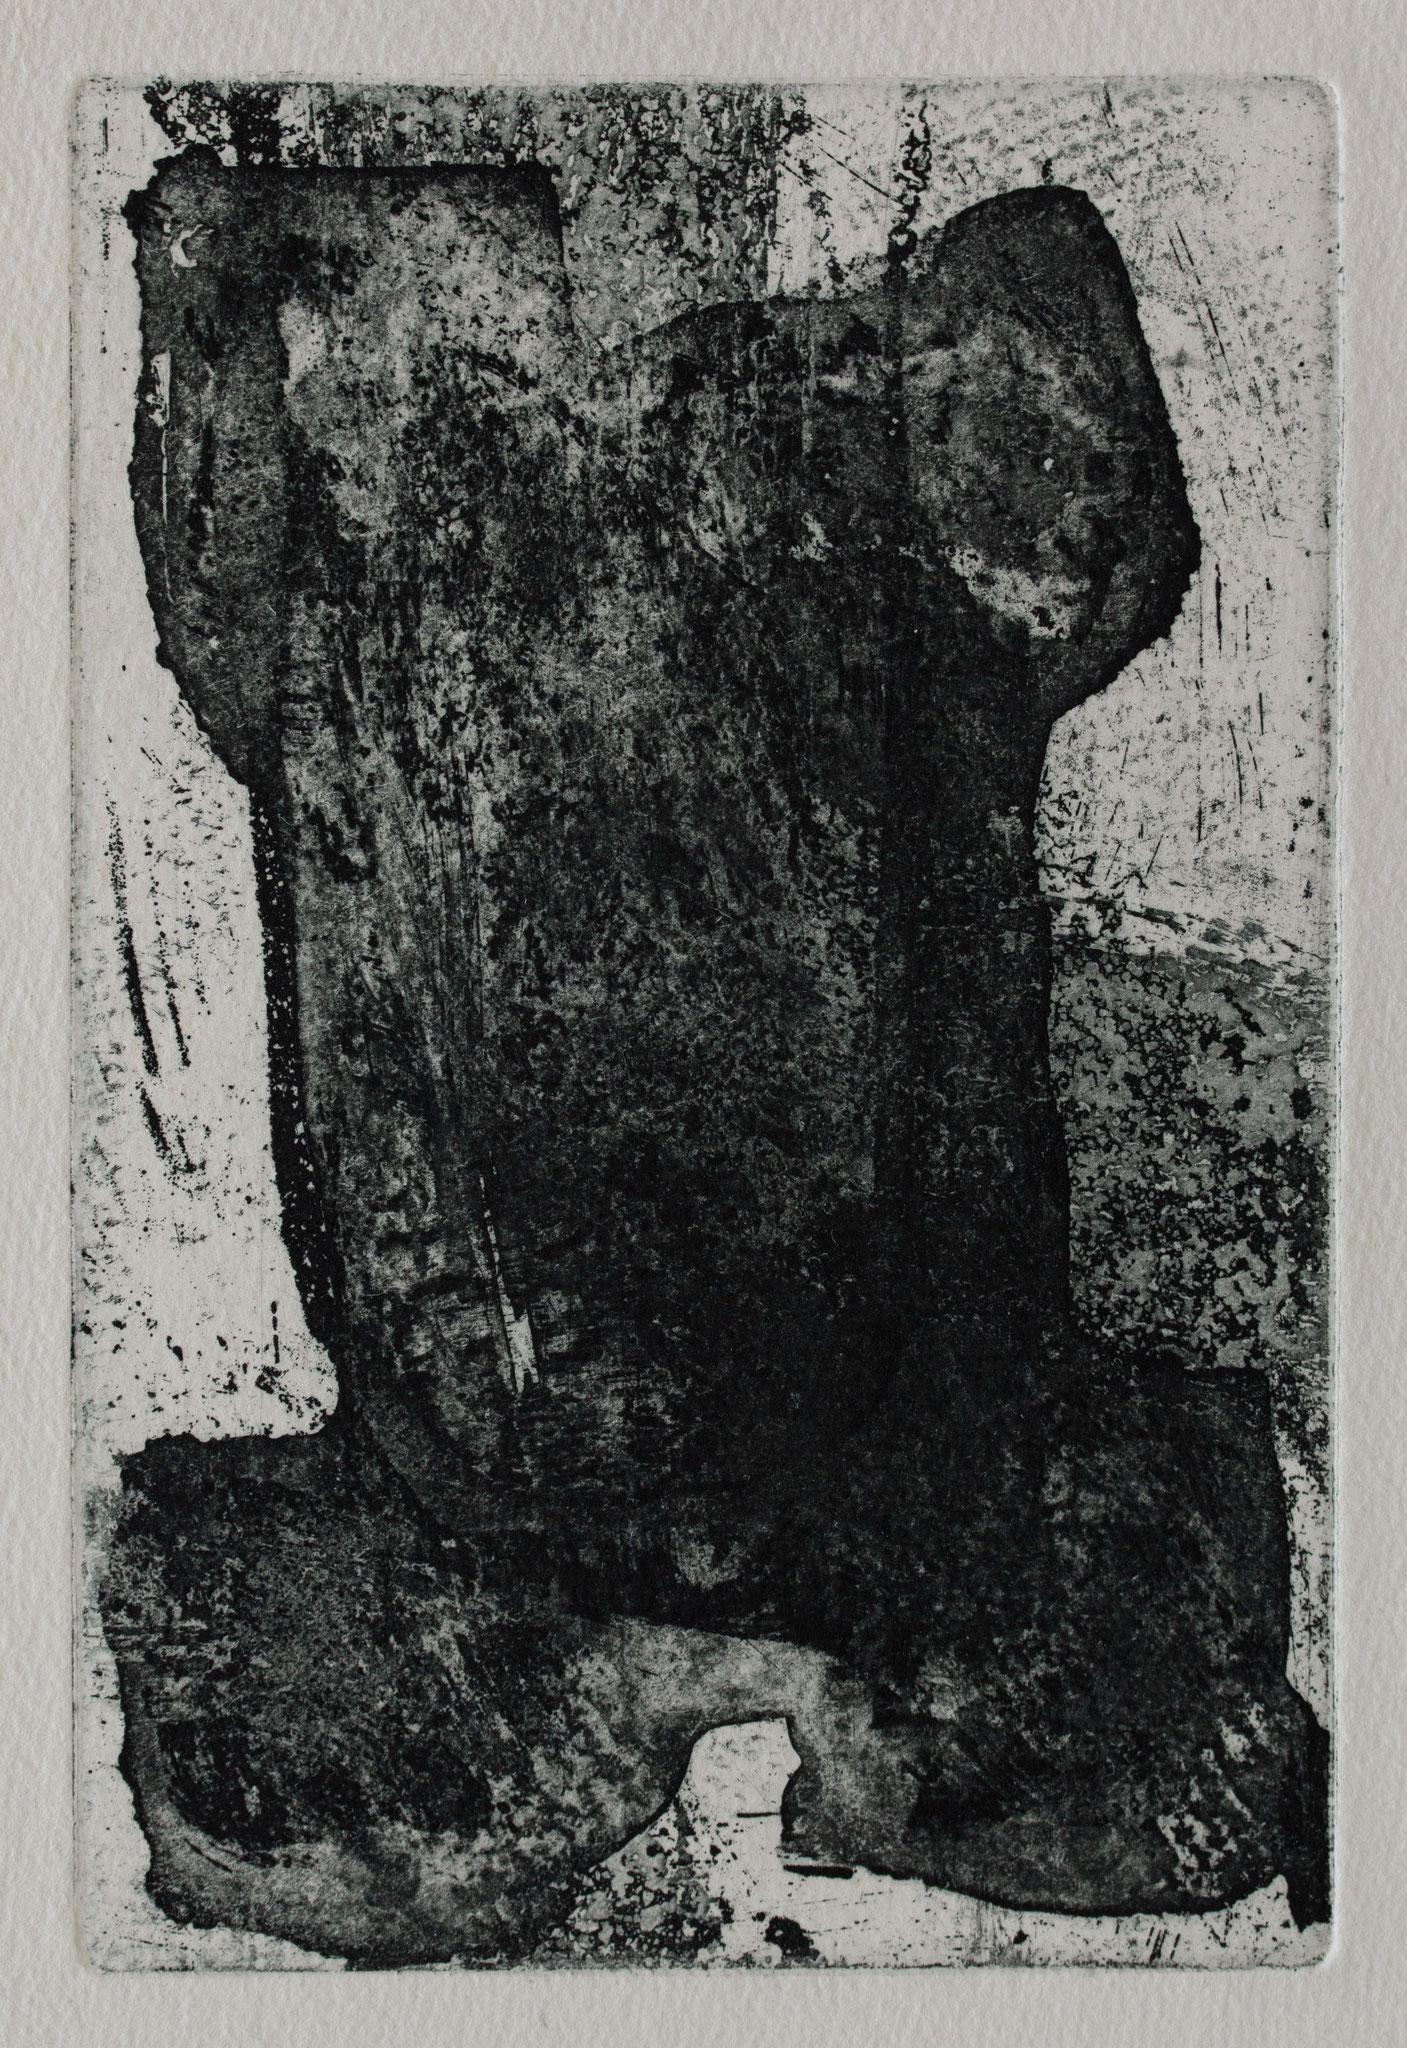 Ets, Aquatint 13,5x9 cm 2019